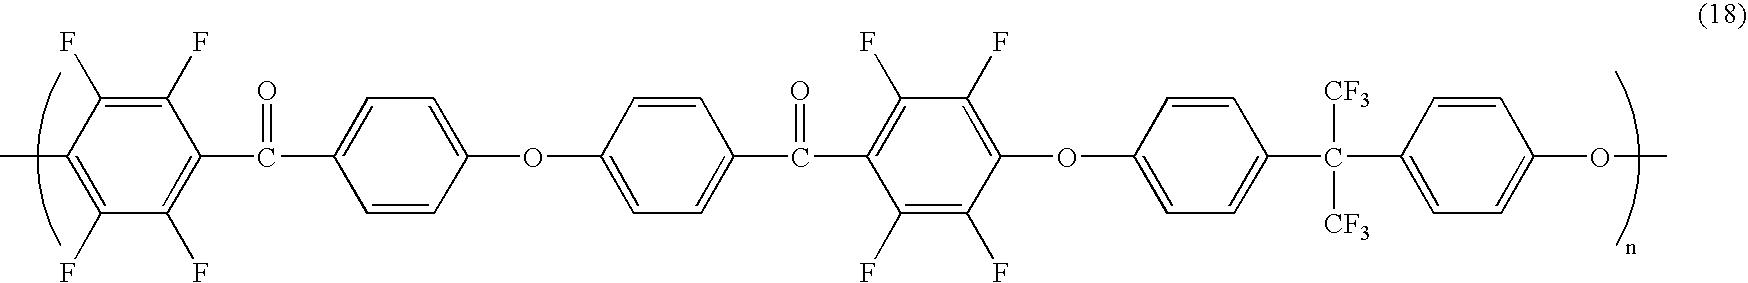 Figure US20060182896A1-20060817-C00014